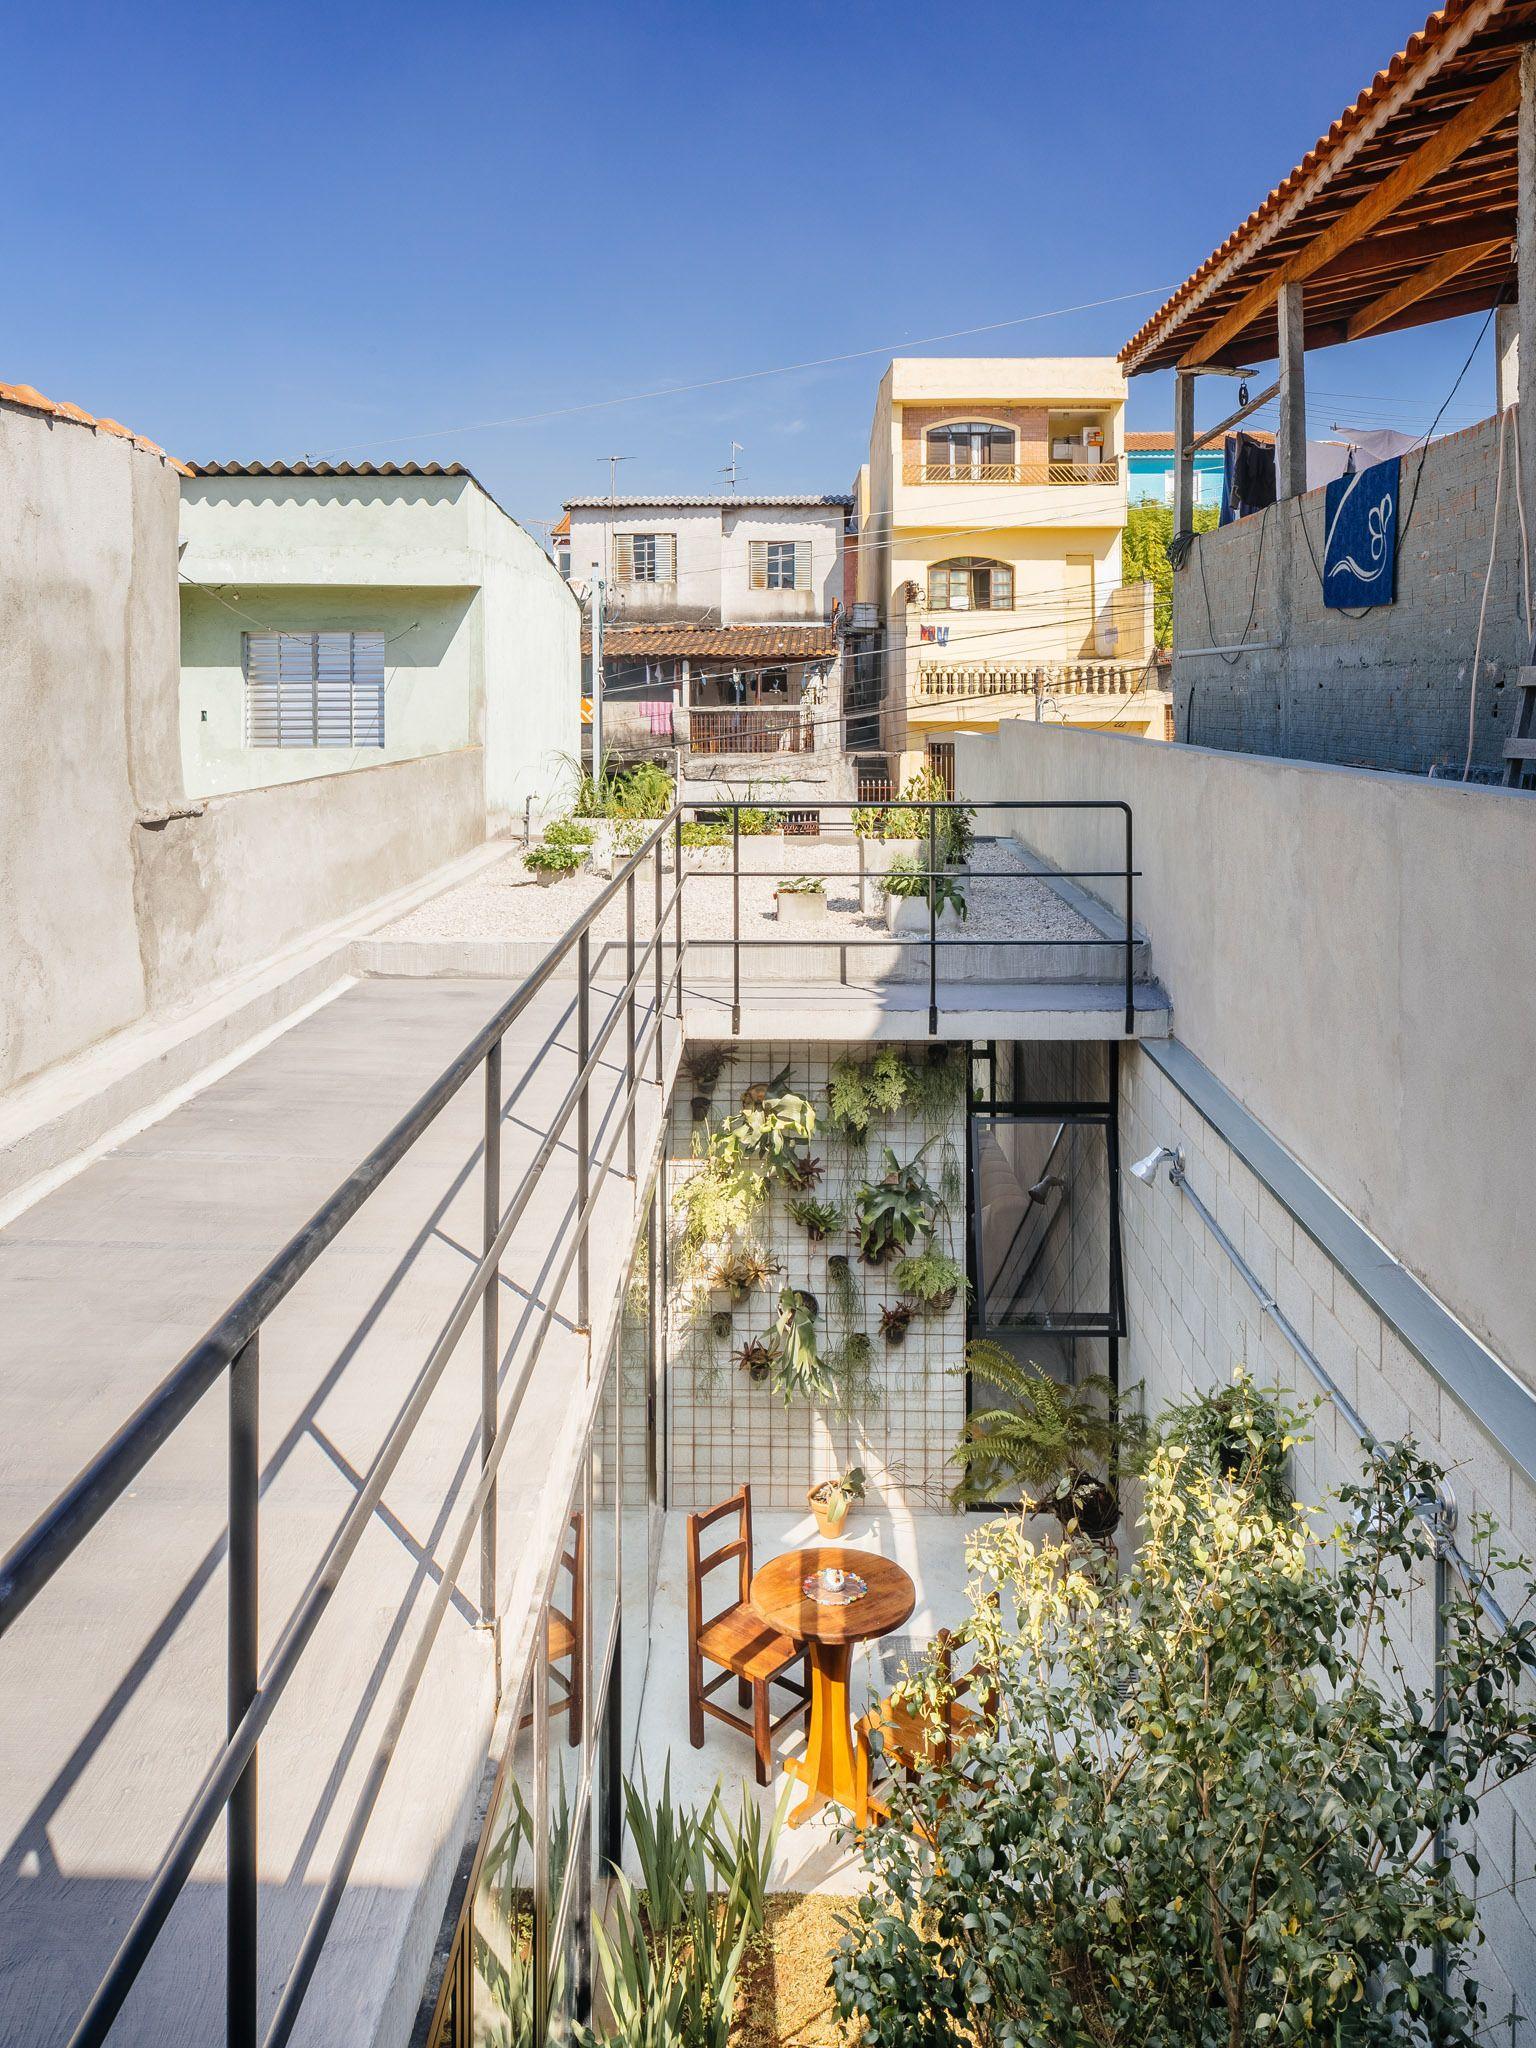 Galeria De Casa En Vila Matilde Terra E Tuma Arquitetos Associados 21 Disenos De Casas Arquitectura Casas